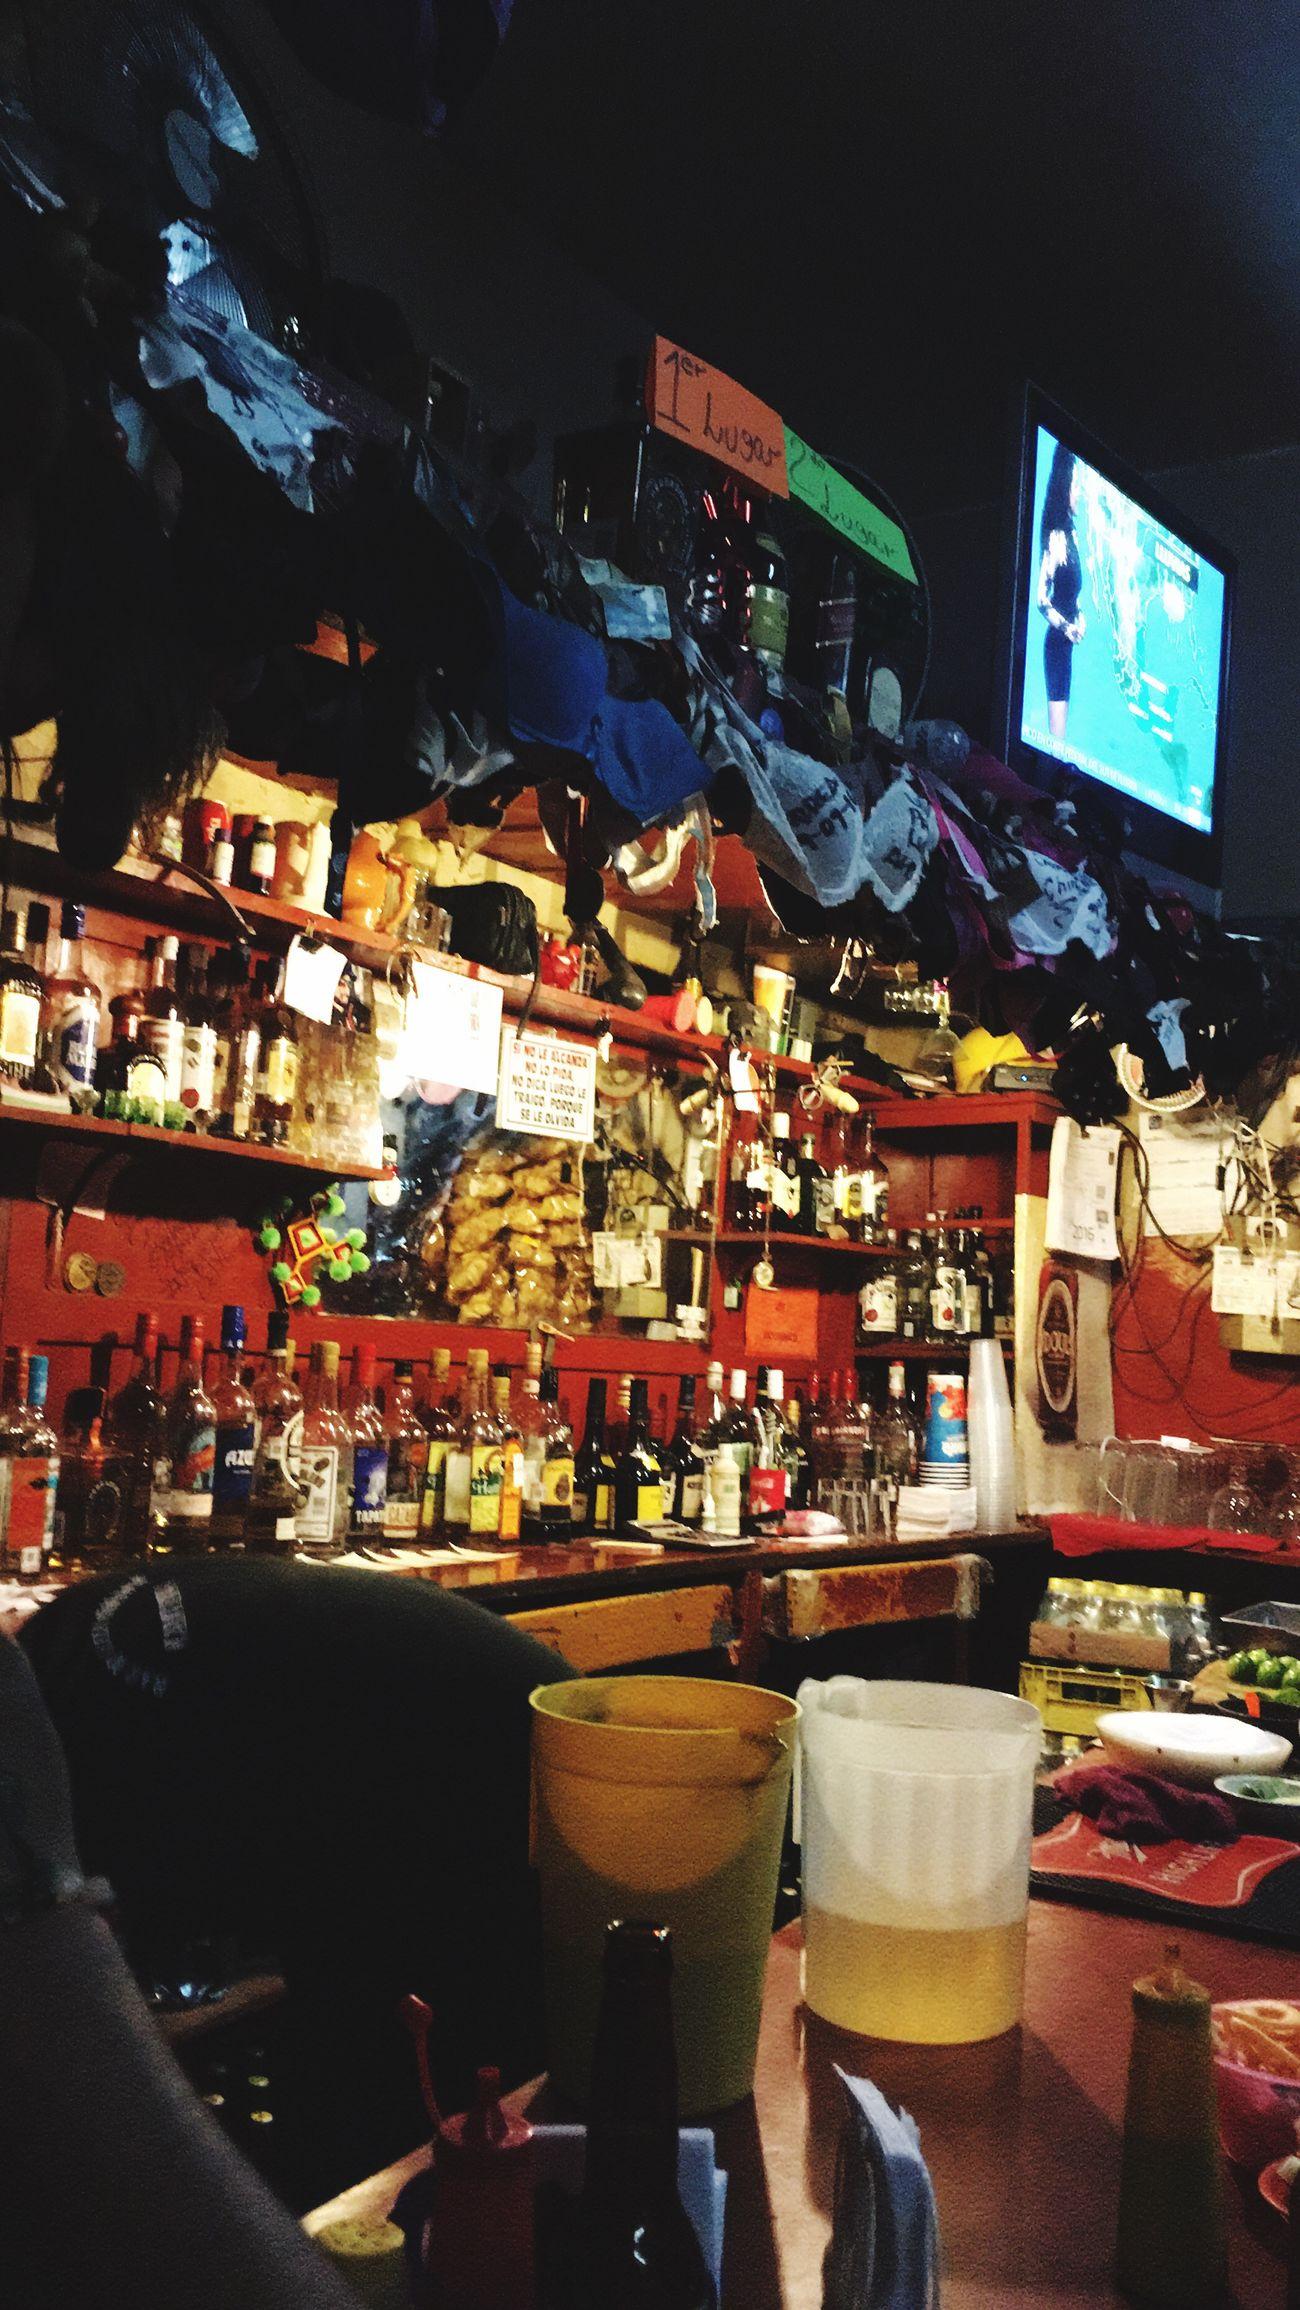 Mozo!! Sírveme otra copa 🍷 No People Illuminated Disfrutando De La Vida Bar - Drink Establishment Night City Dolor Precopa Calamaroquerido